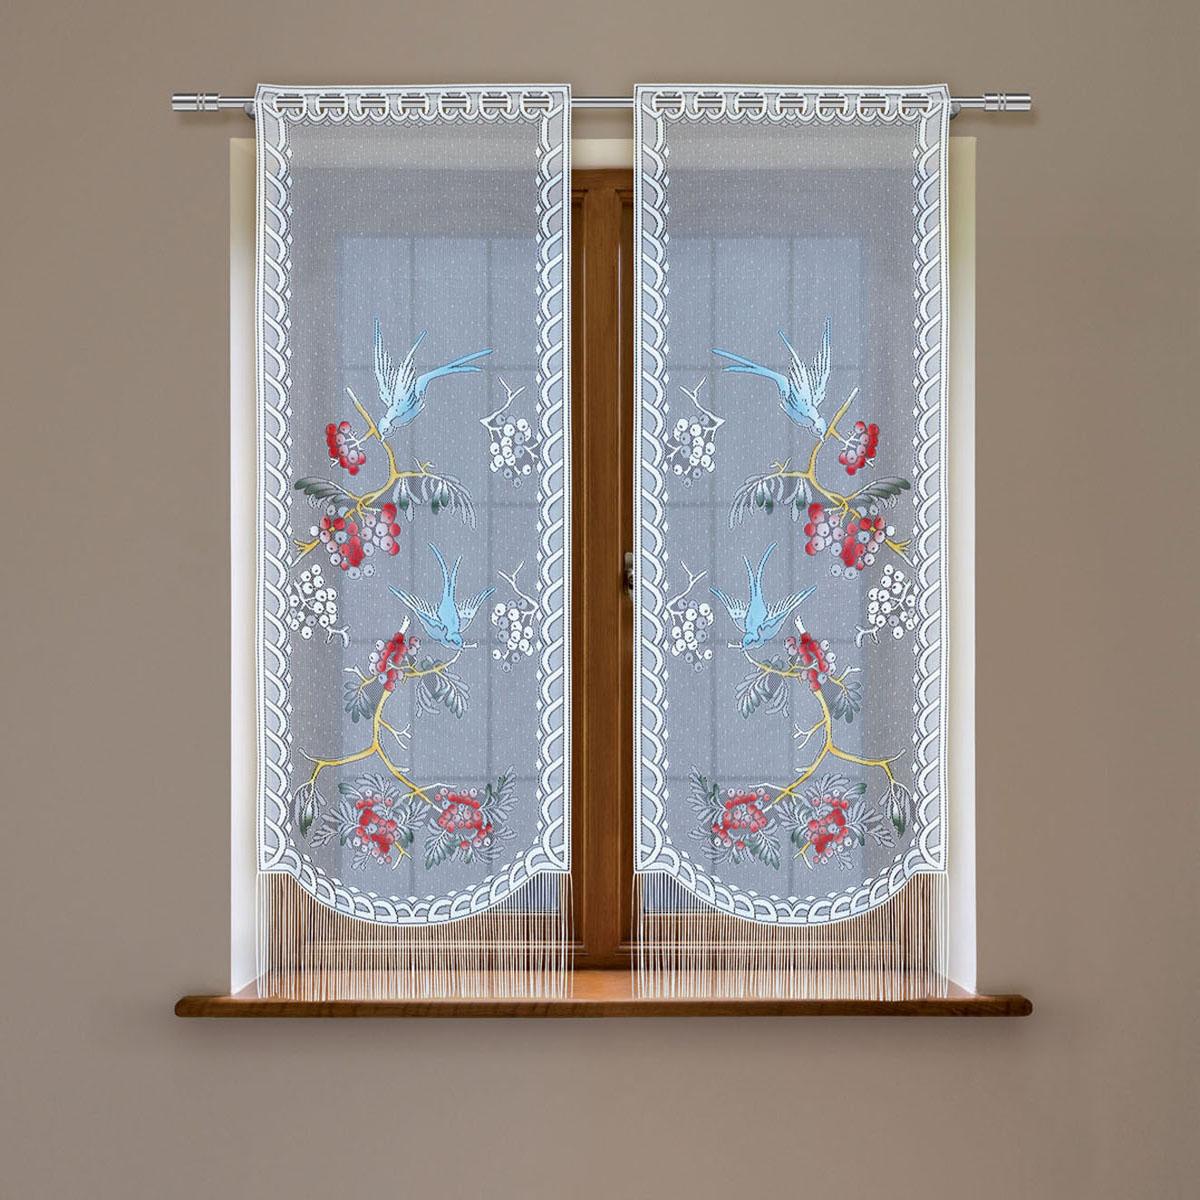 Комплект гардин Haft, на петлях, цвет: белый, высота 160 см, 2 шт. 5383СSVC-300Воздушные гардины Haft великолепно украсят любое окно. Комплект состоит из двух гардин, выполненных из полиэстера.Изделие имеет оригинальный дизайн и органично впишется в интерьер помещения.Комплект крепится на карниз при помощи петель.